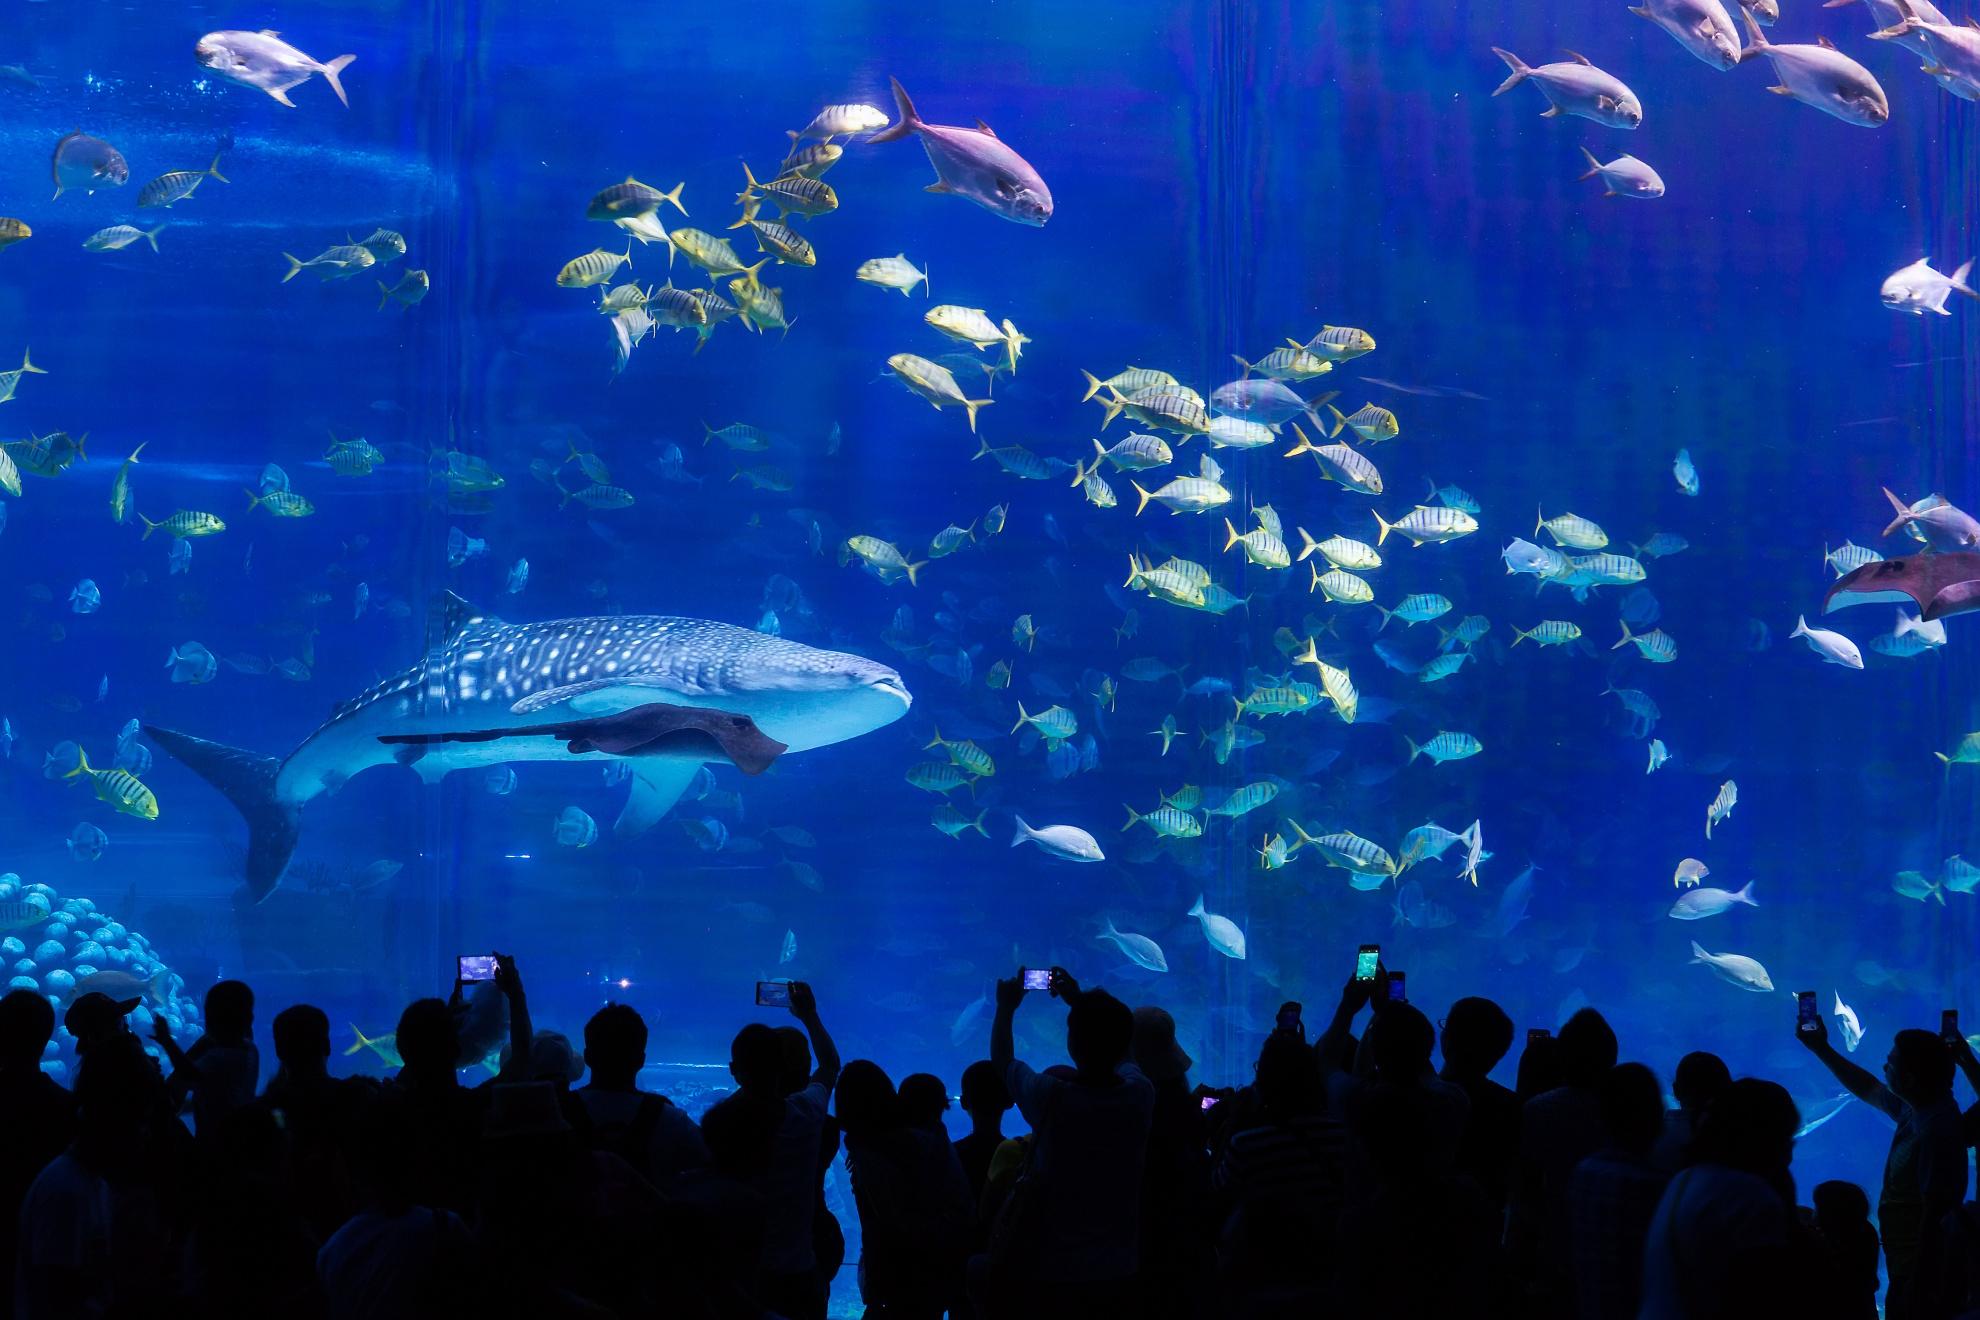 去珠海长隆海洋公园_珠海图片大全_珠海风景图片/景点照片/旅游摄影【驴妈妈攻略】